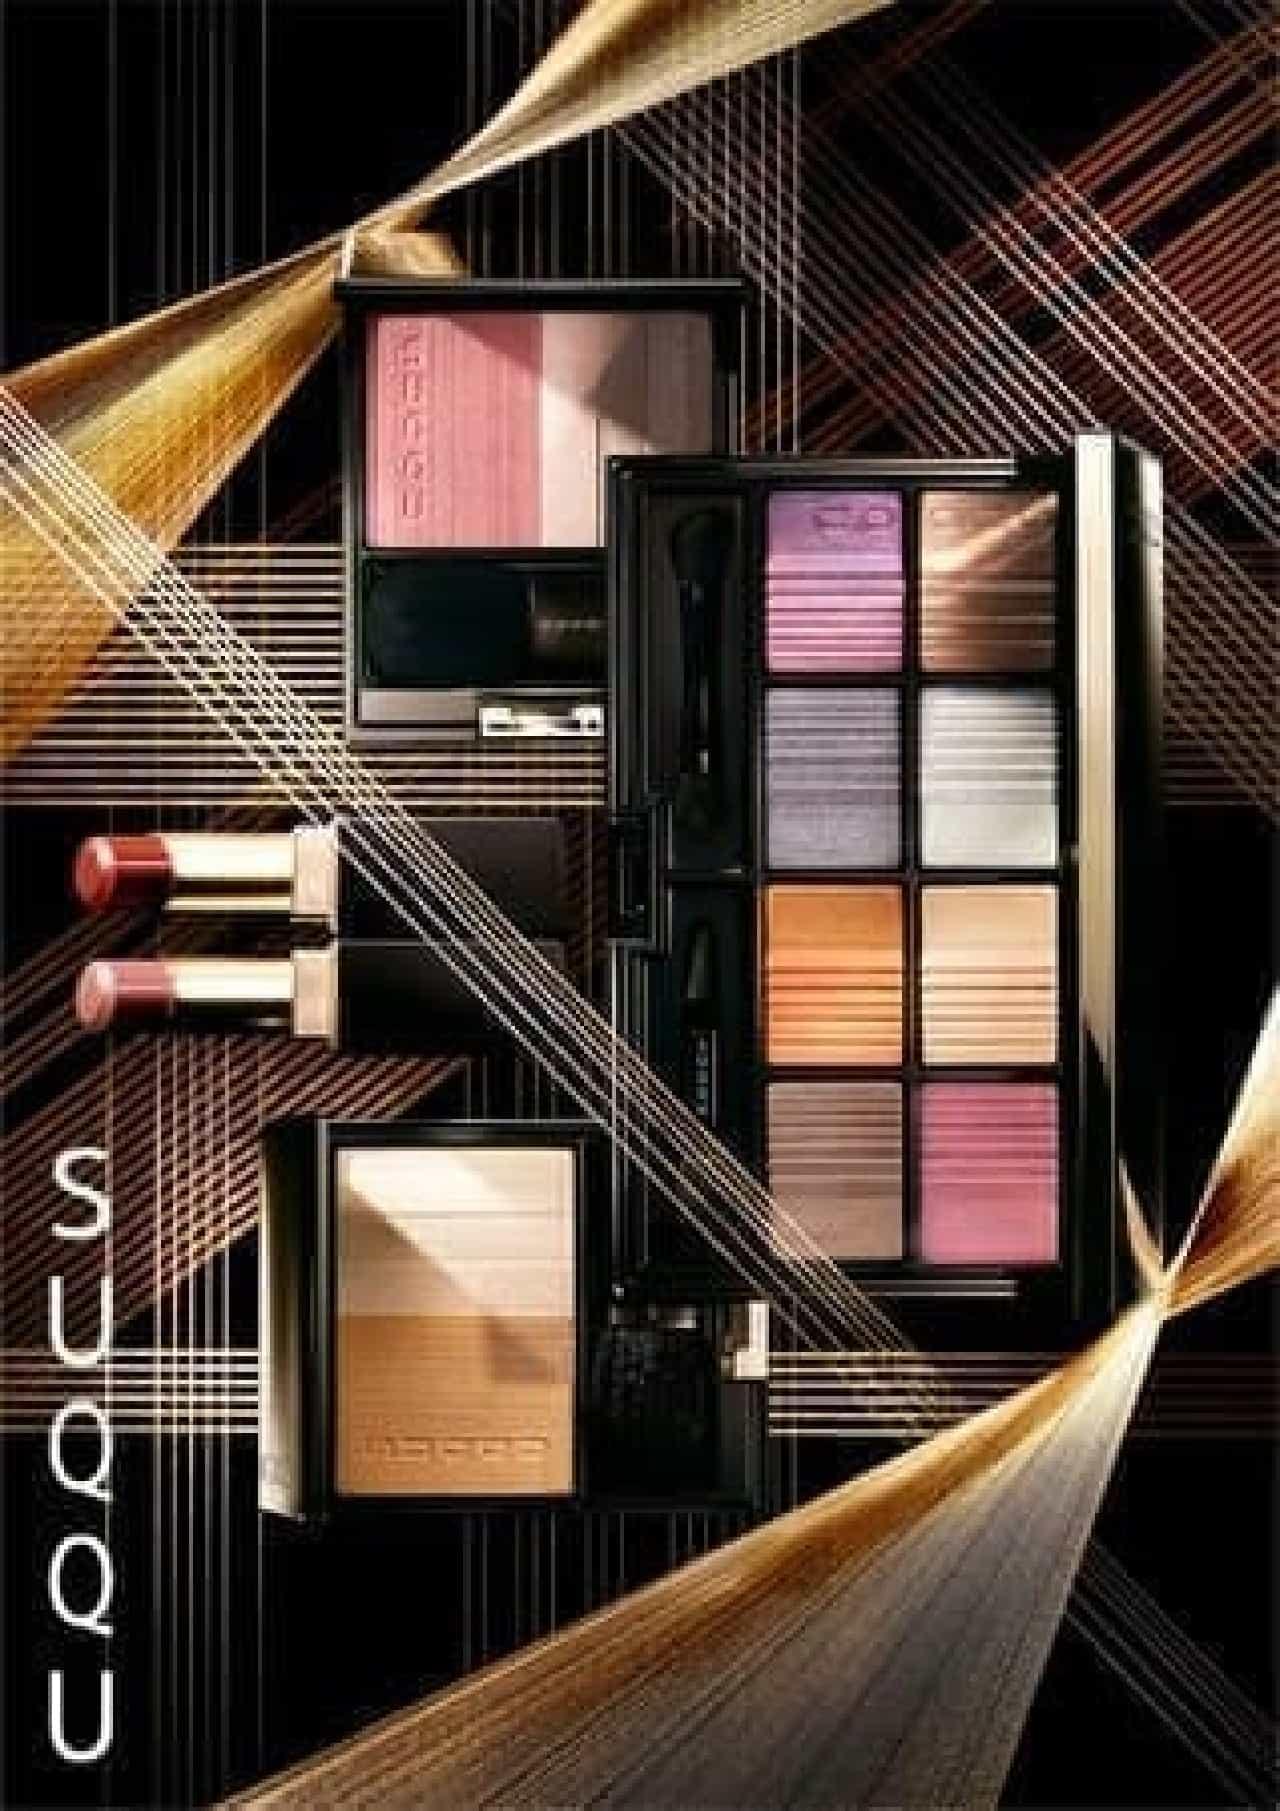 SUQQU 2020 ホリデー コレクション